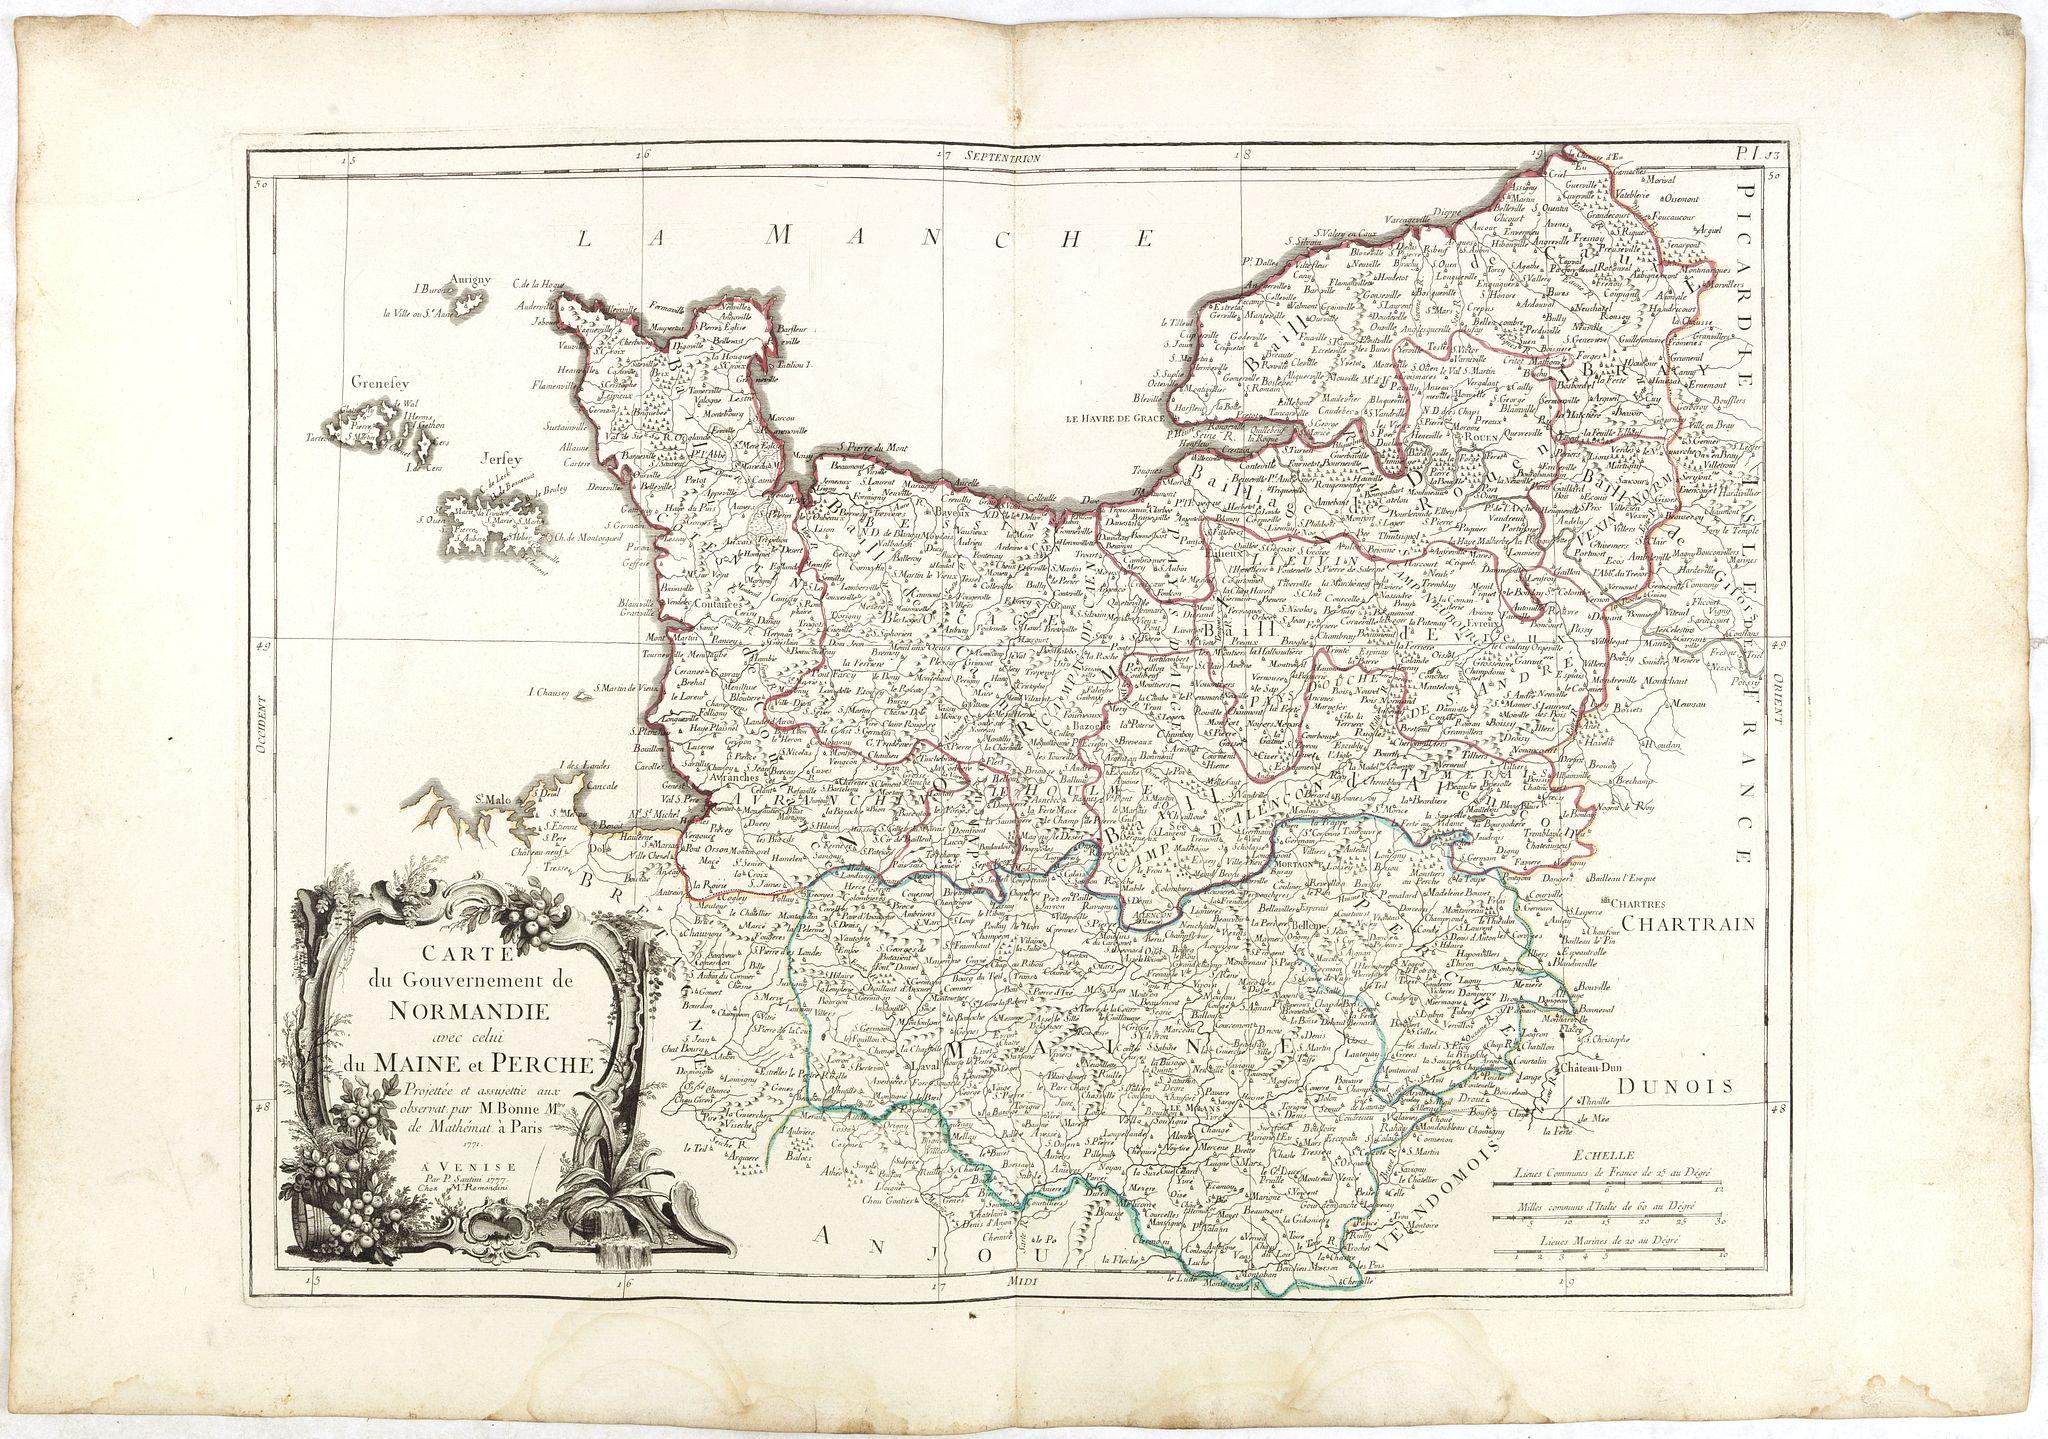 SANTINI, P. / REMONDINI, M. -  Carte du Gouvernement de Normandie avec celui du Maine et Perche.